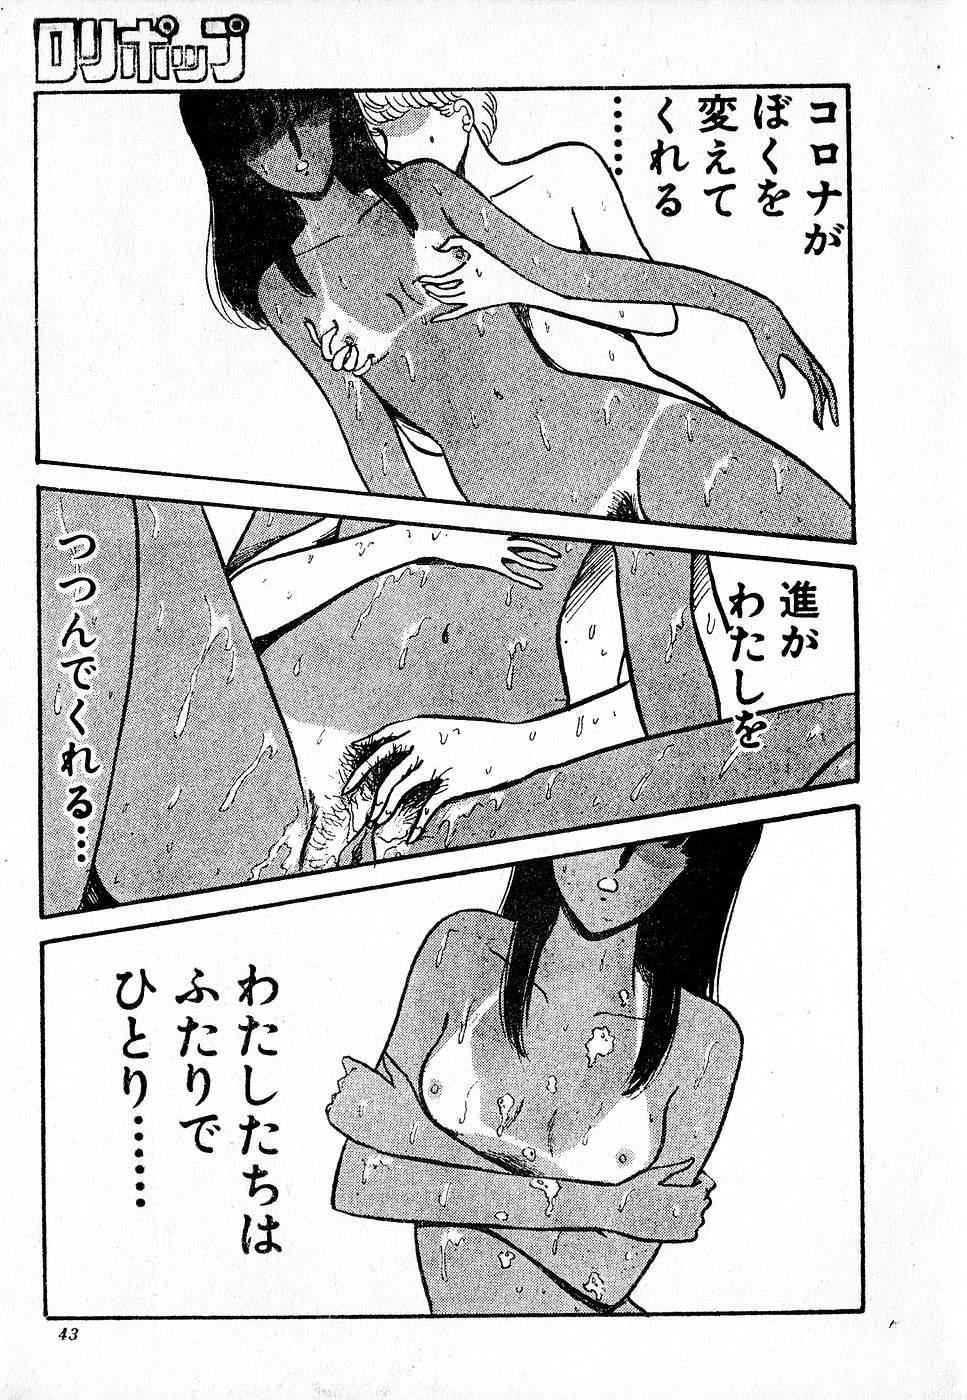 COMIC Lolipop 1985-10 Soukanjunbigou Aki 42